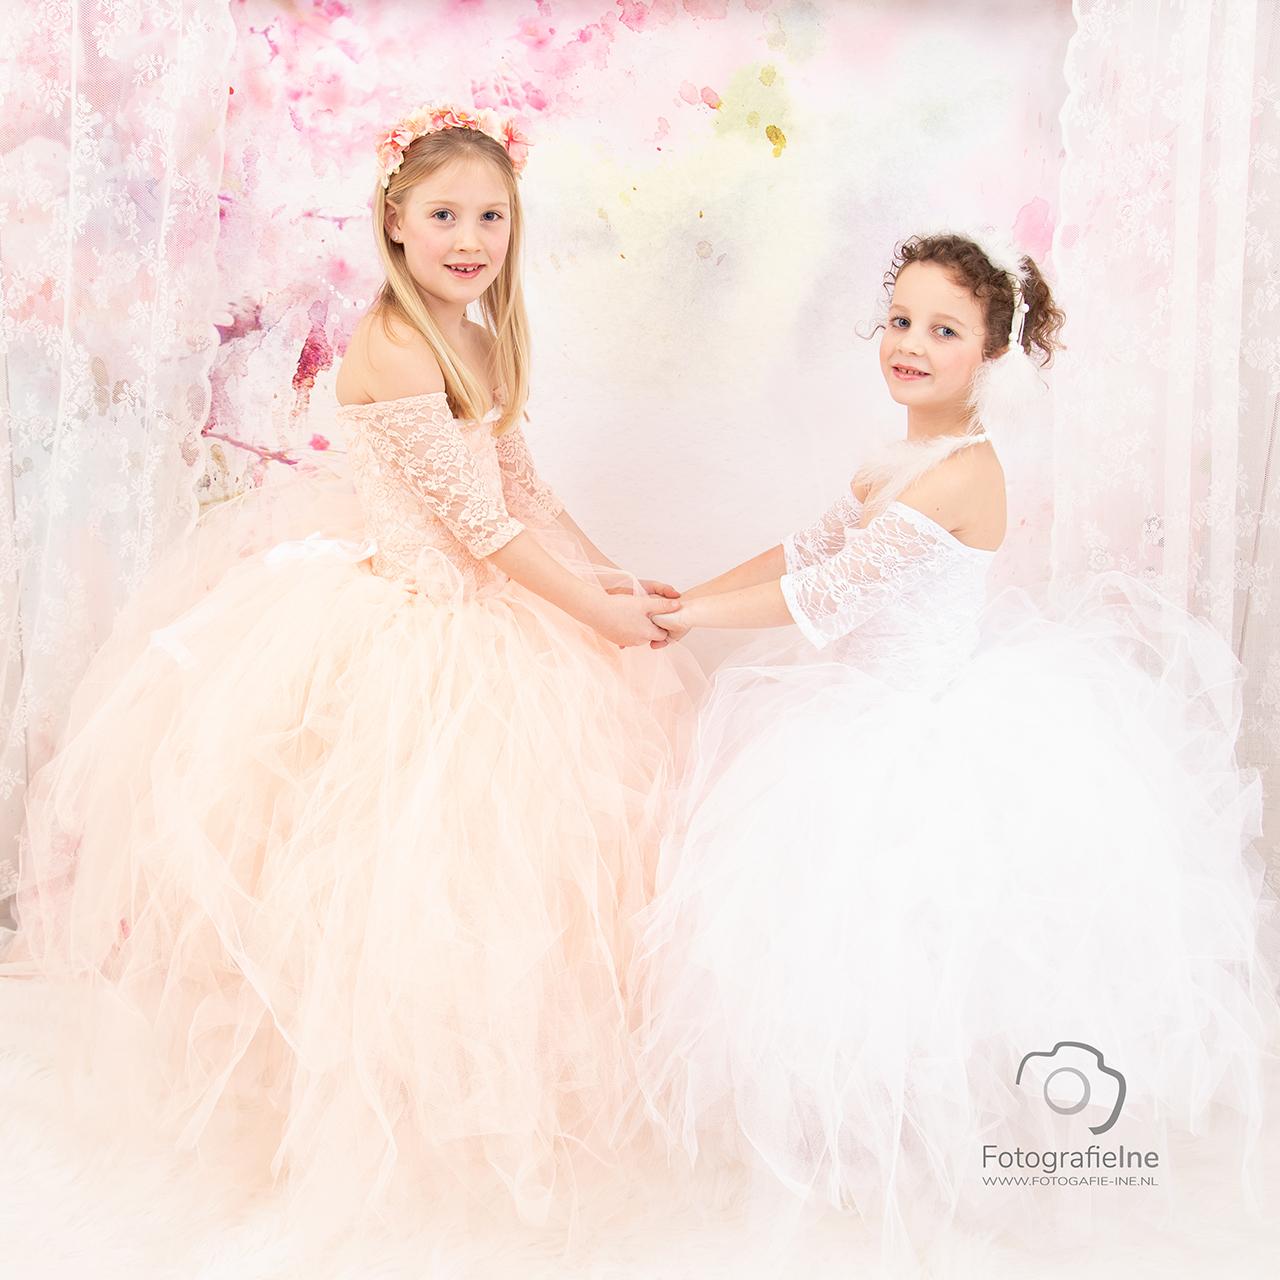 Fotografie Ine prinsessen fotoshoot Yara en Eef